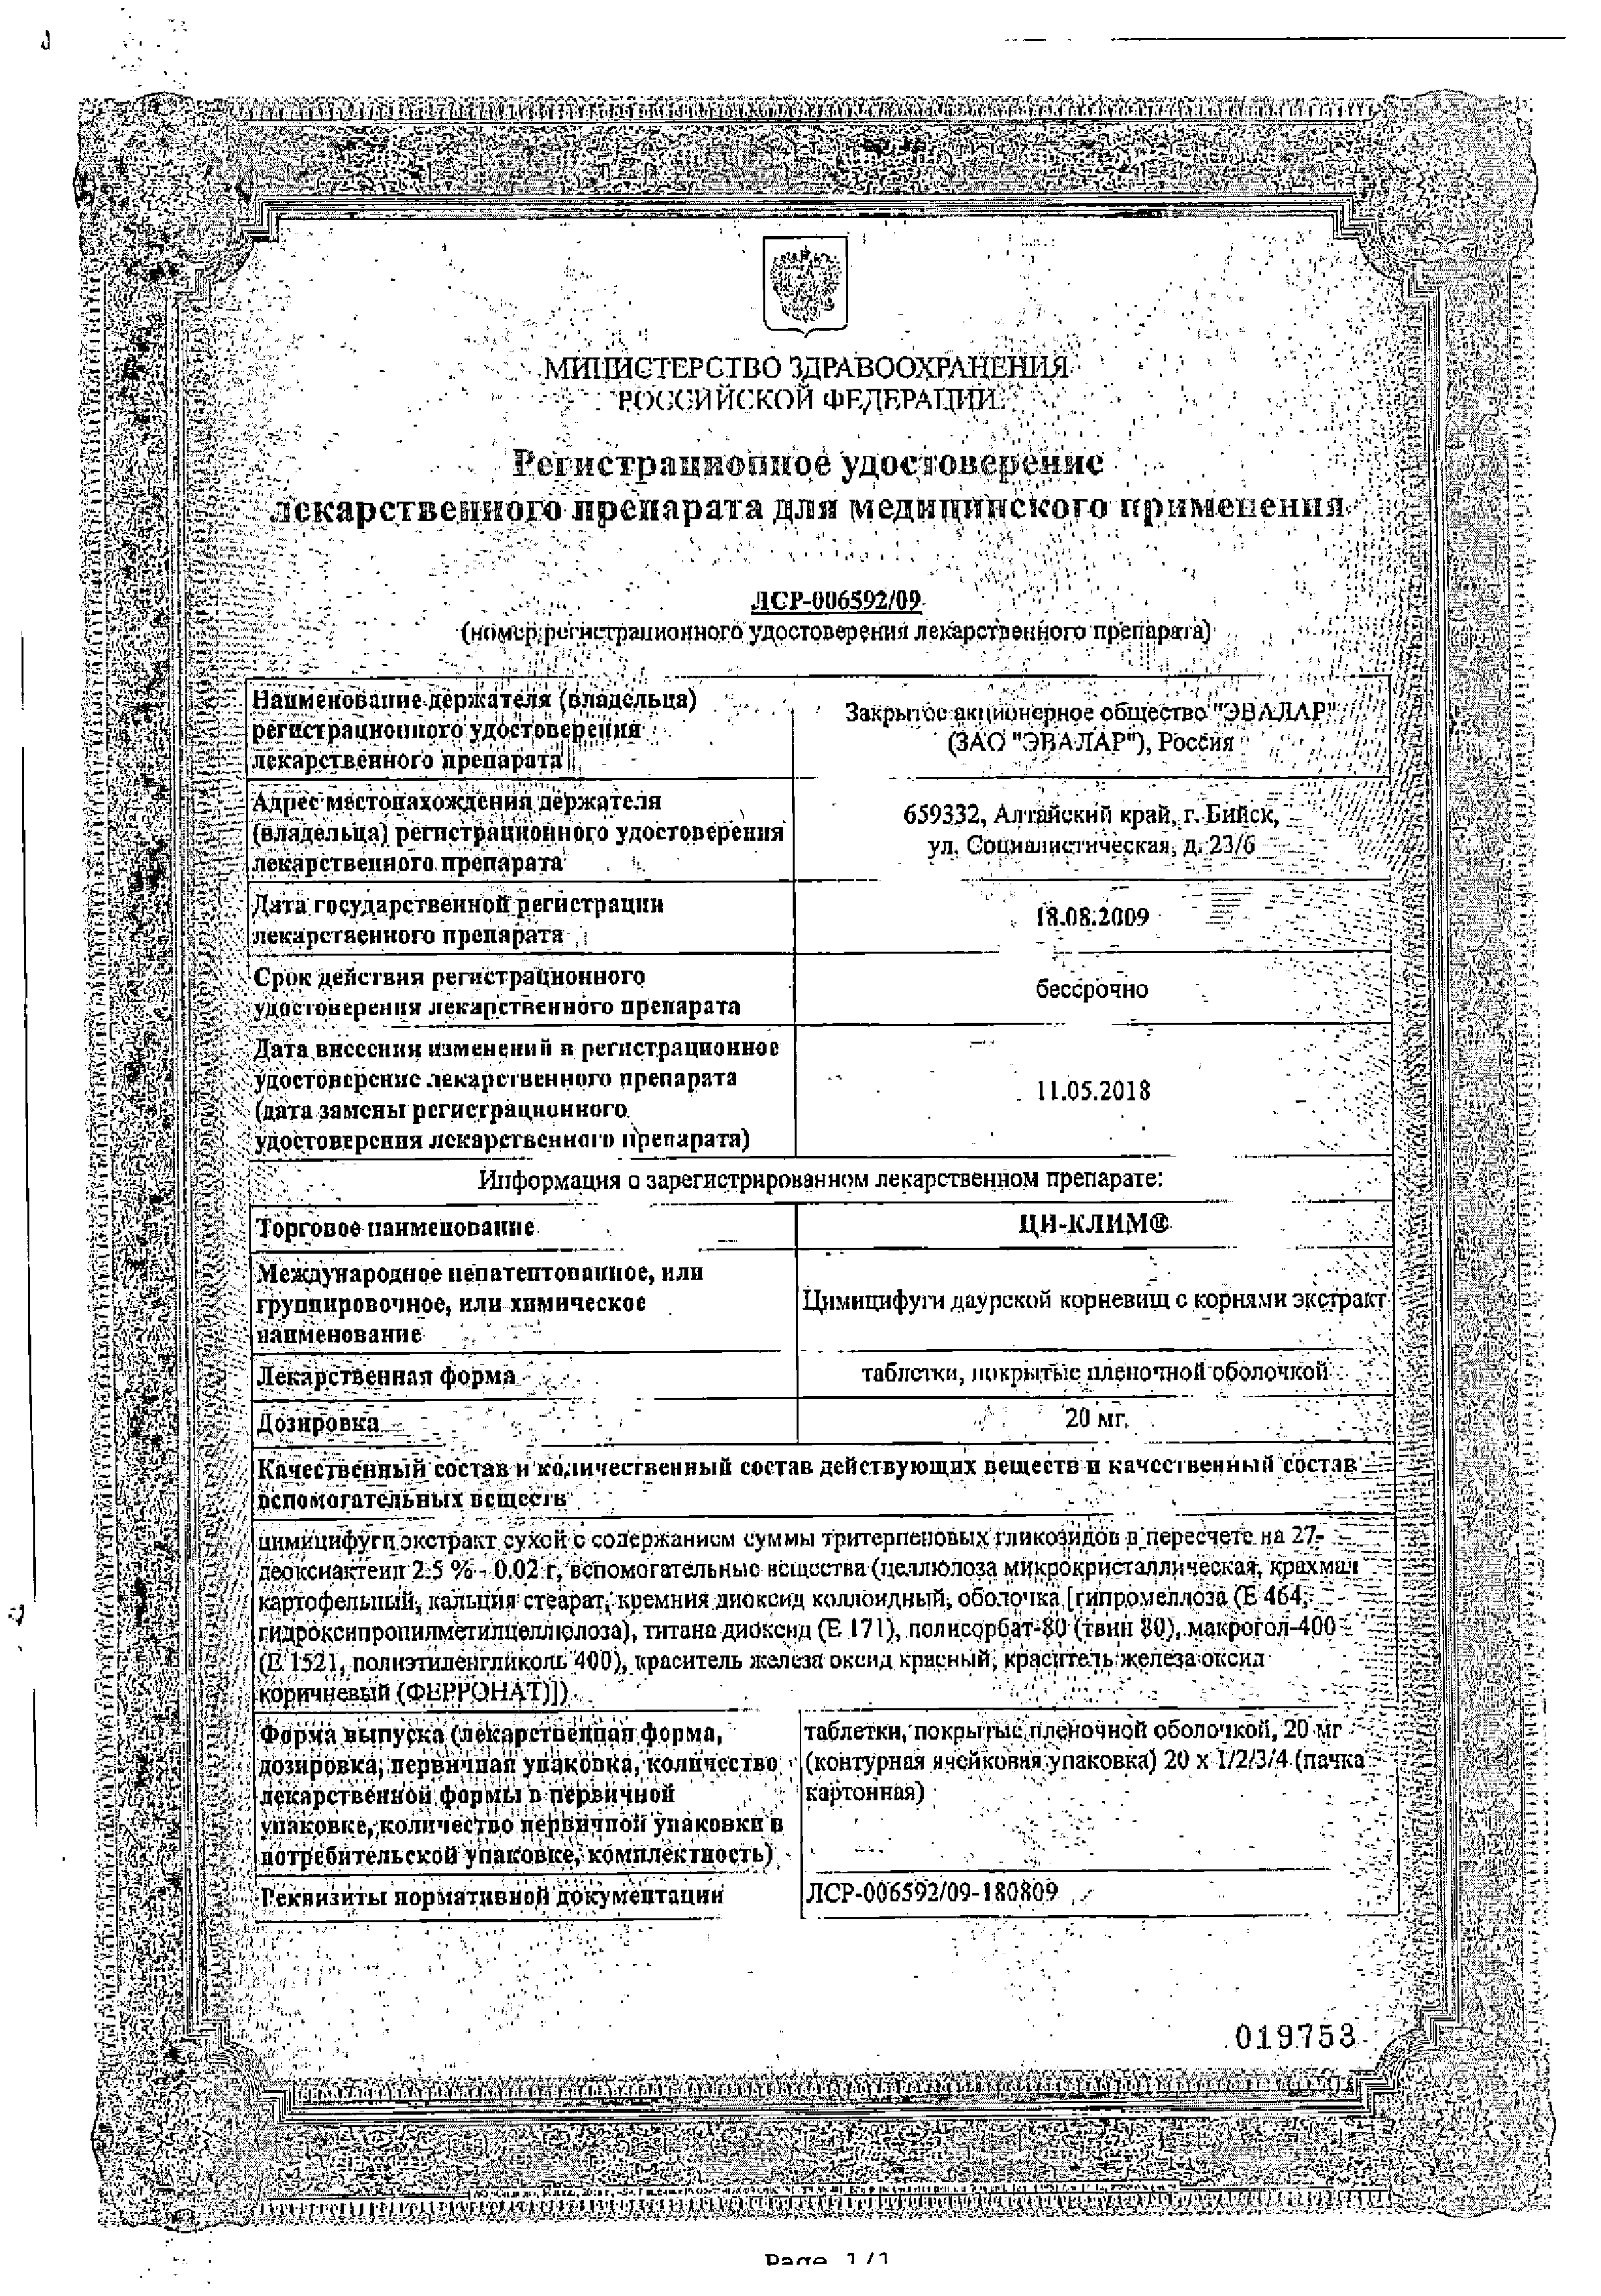 Ци-Клим сертификат